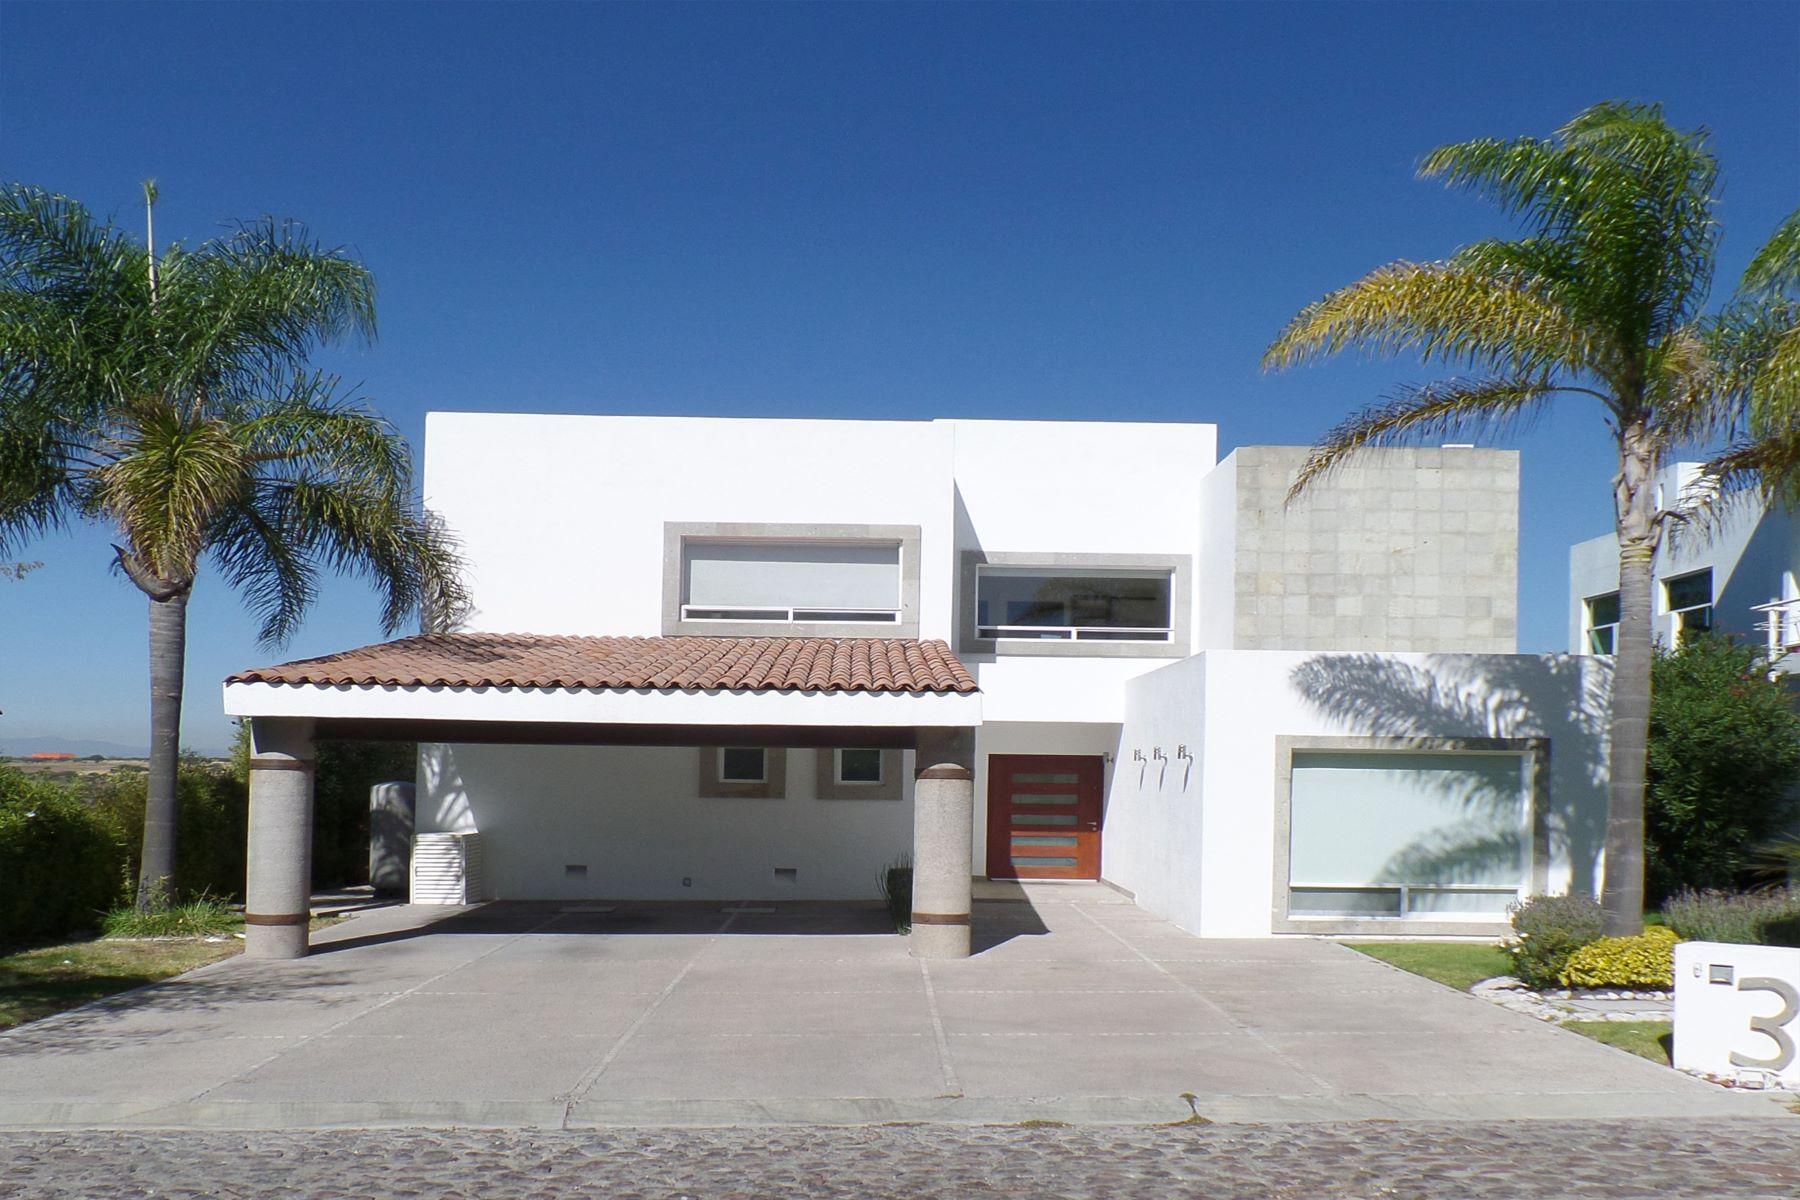 Частный односемейный дом для того Продажа на Casa Lucía Queretaro, Queretaro, 76146 Мексика